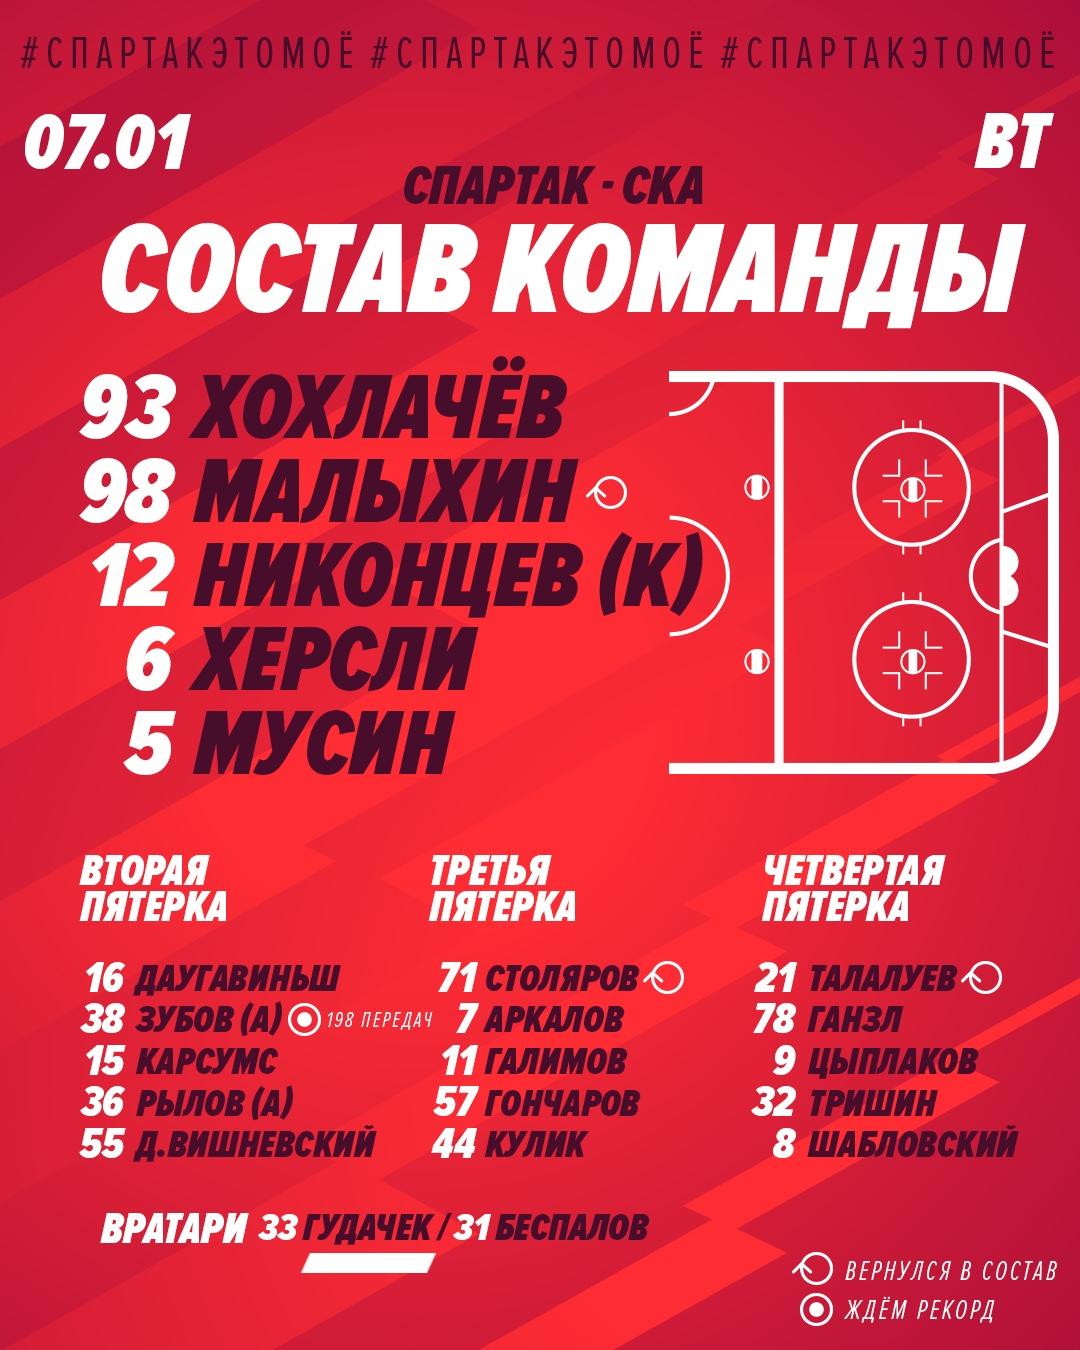 Состав «Спартака» на матч с СКА